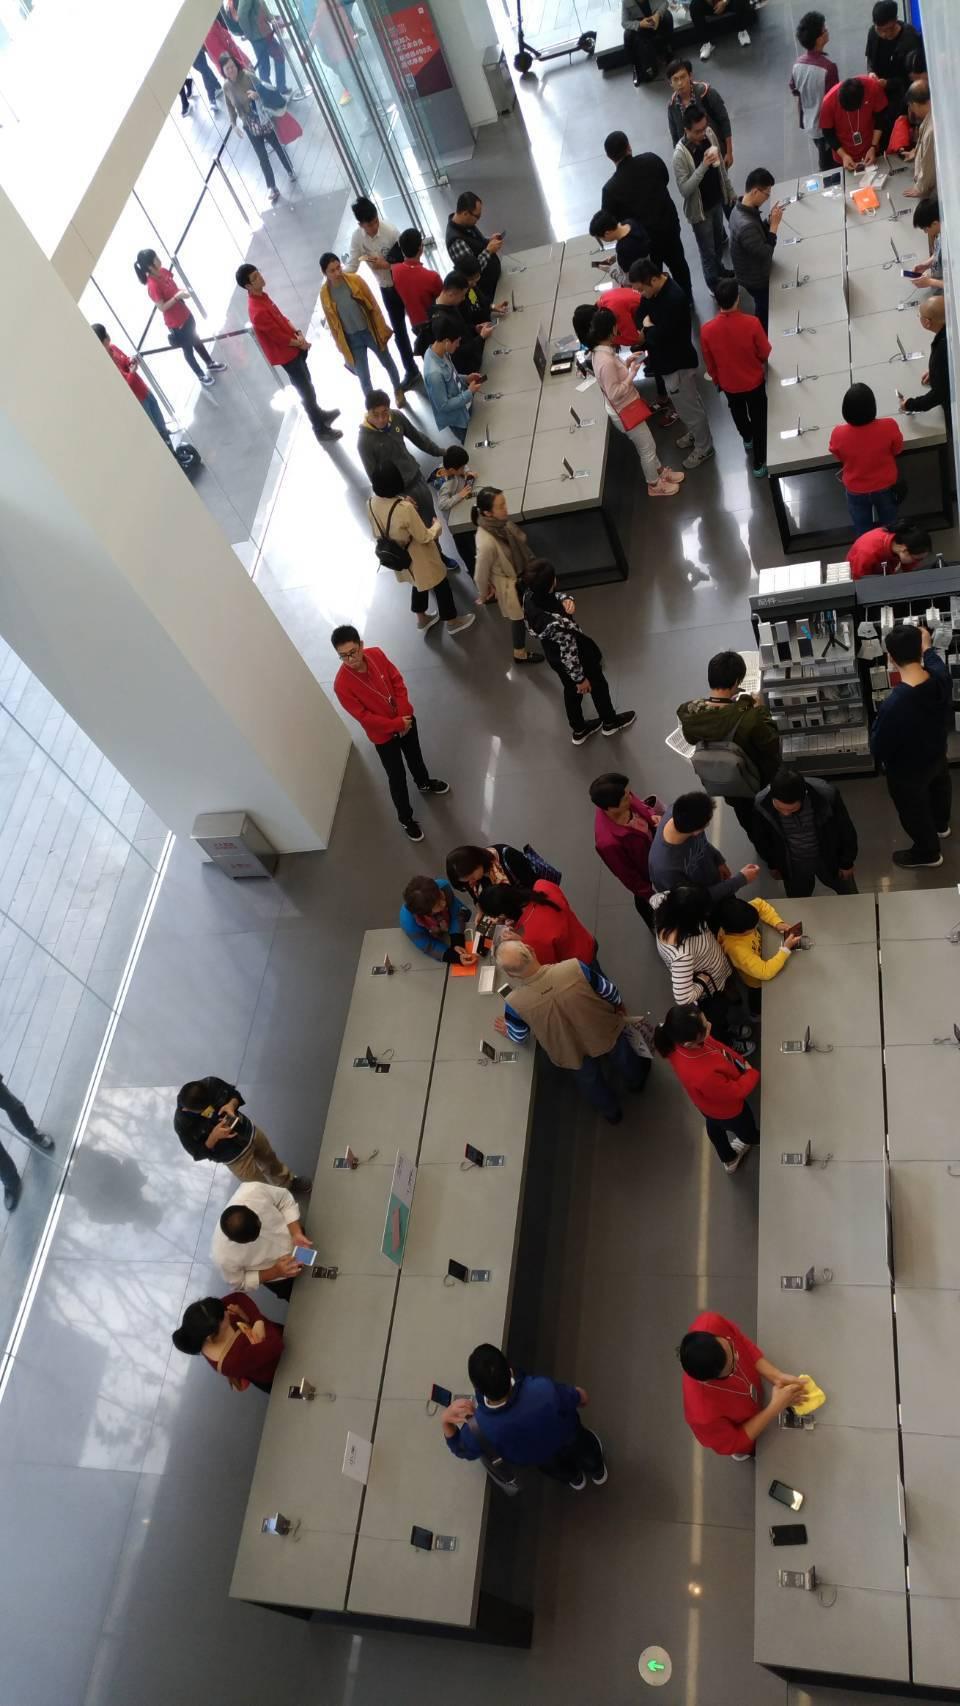 小米明年擴大來台展店由四家倍增至十家,並大幅加品項,營收添增成長力道。記者張義宮...